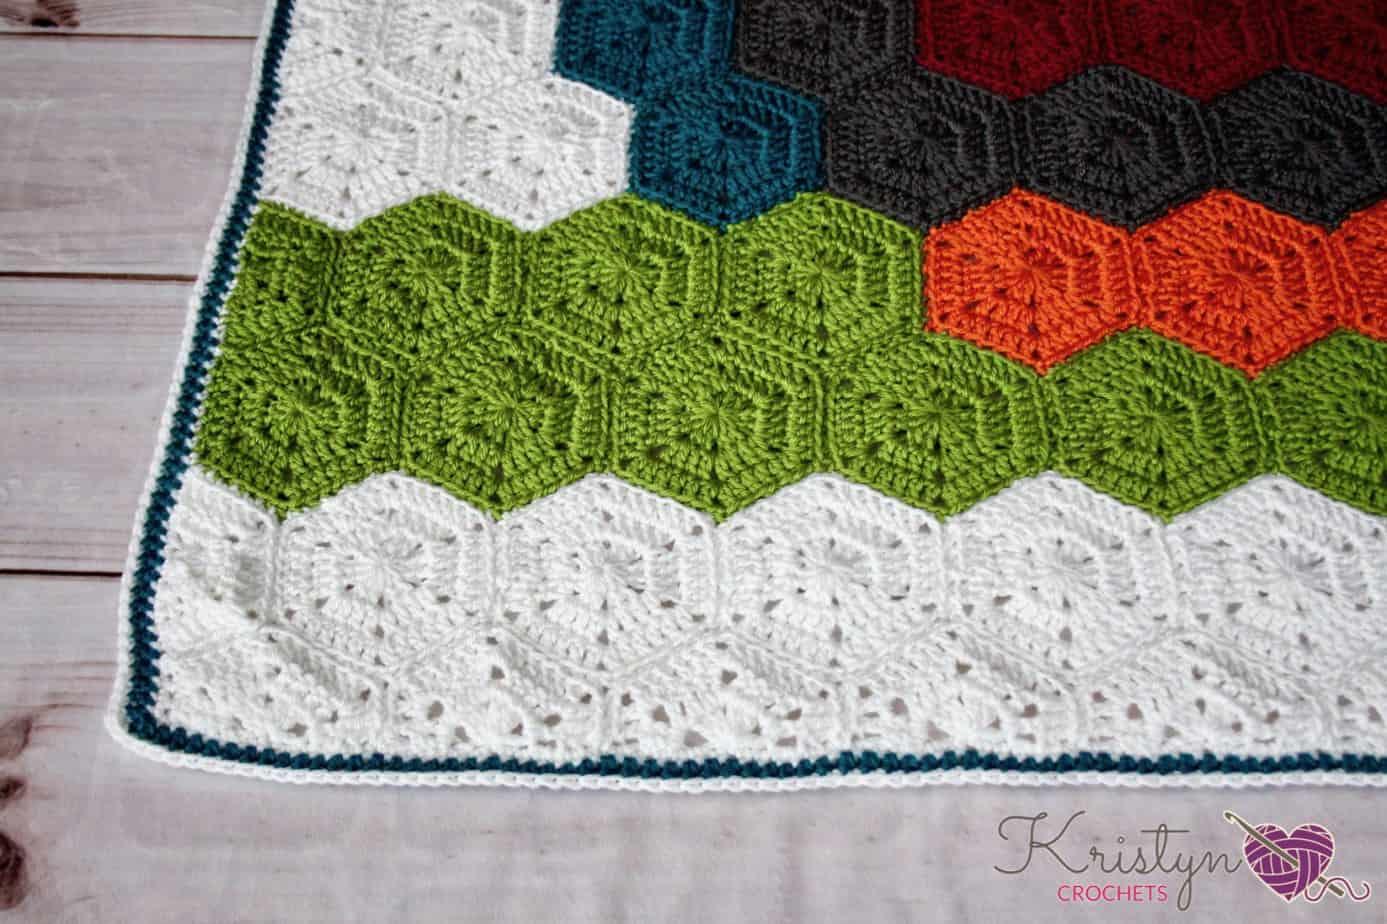 Night Owl Crochet Hexagon Blanket Free Pattern by Kristyn